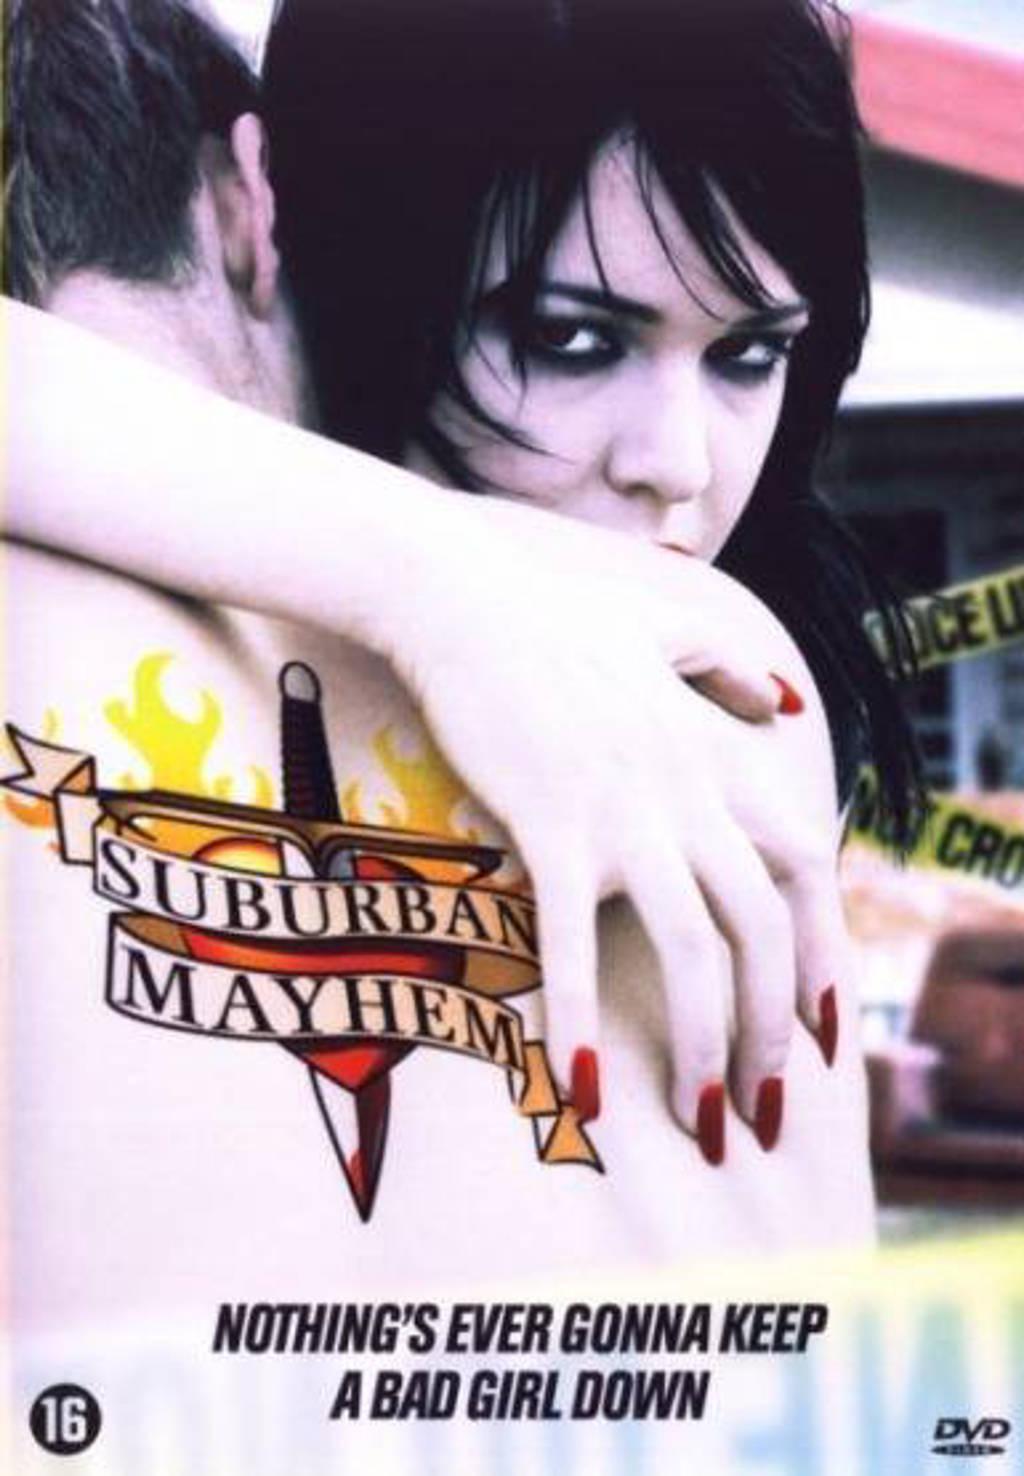 Suburban mayhem (DVD)